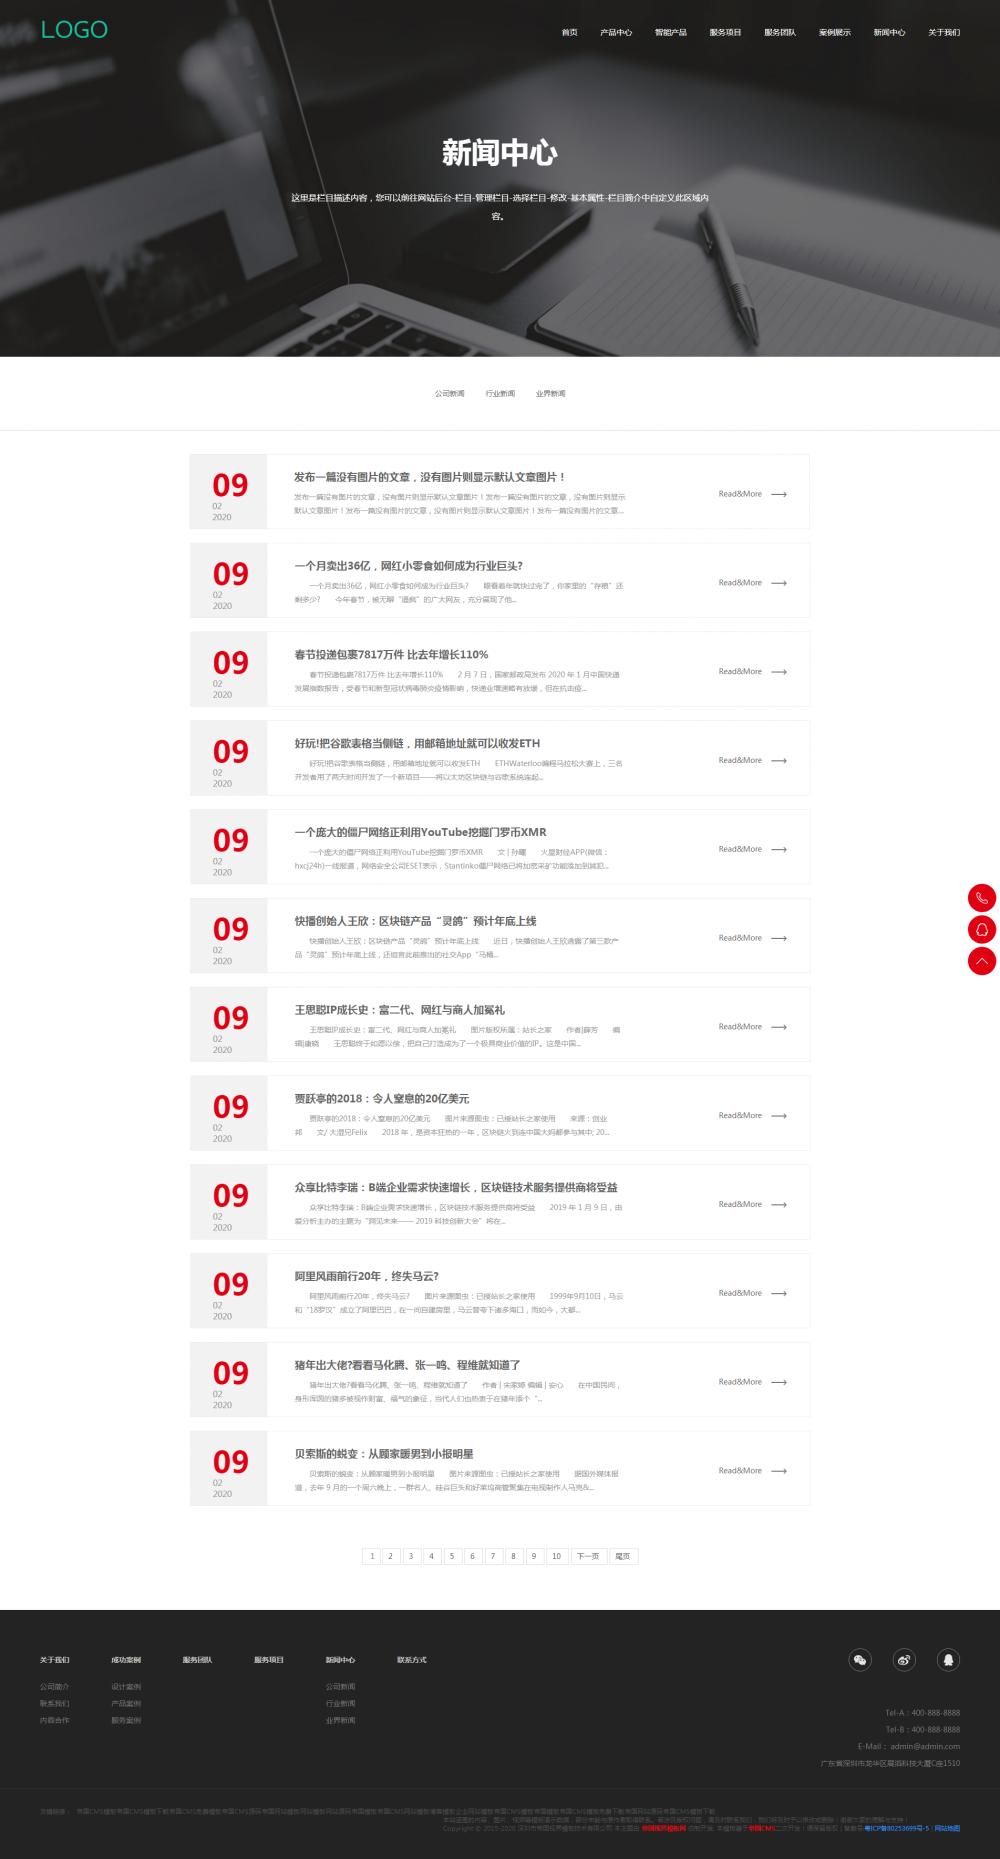 7新闻中心.png [DG-110]响应式高端网站建设互联网营销类帝国CMS模板 html5建站设计公司网站源码(自适应手机版) 企业模板 第7张